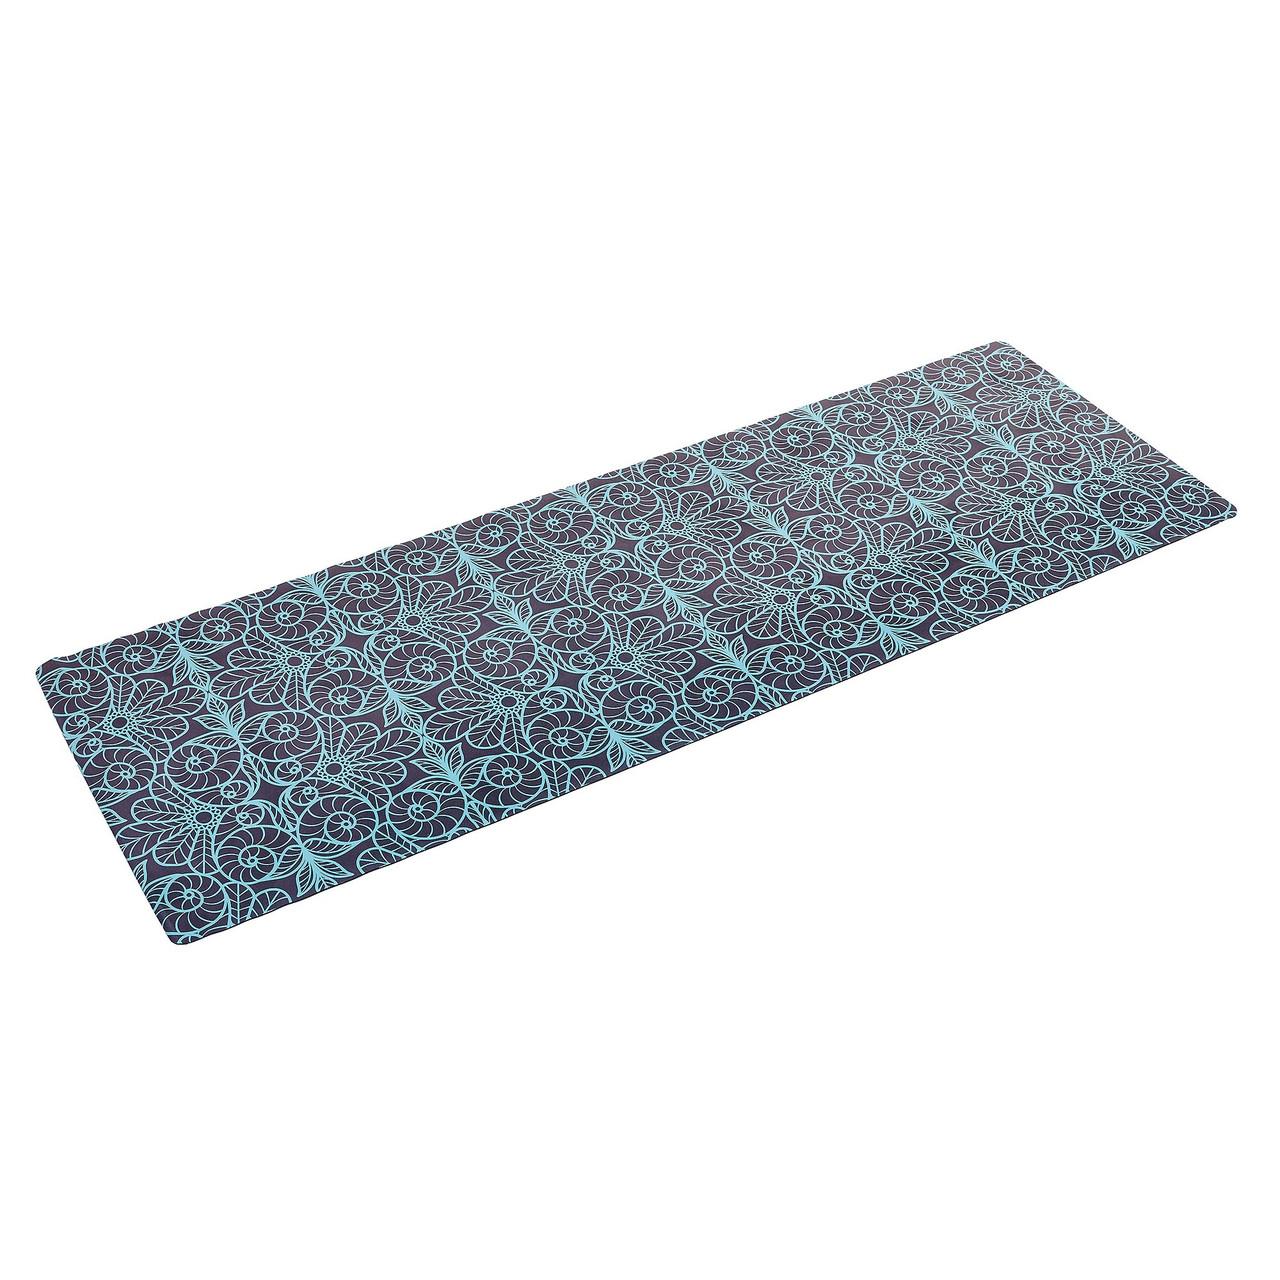 Коврик для йоги Замшевый каучуковый двухслойный 3мм Record FI-5662-17 (размер 1,83мx0,61мx3мм, синий-черный, с принтом Восток)